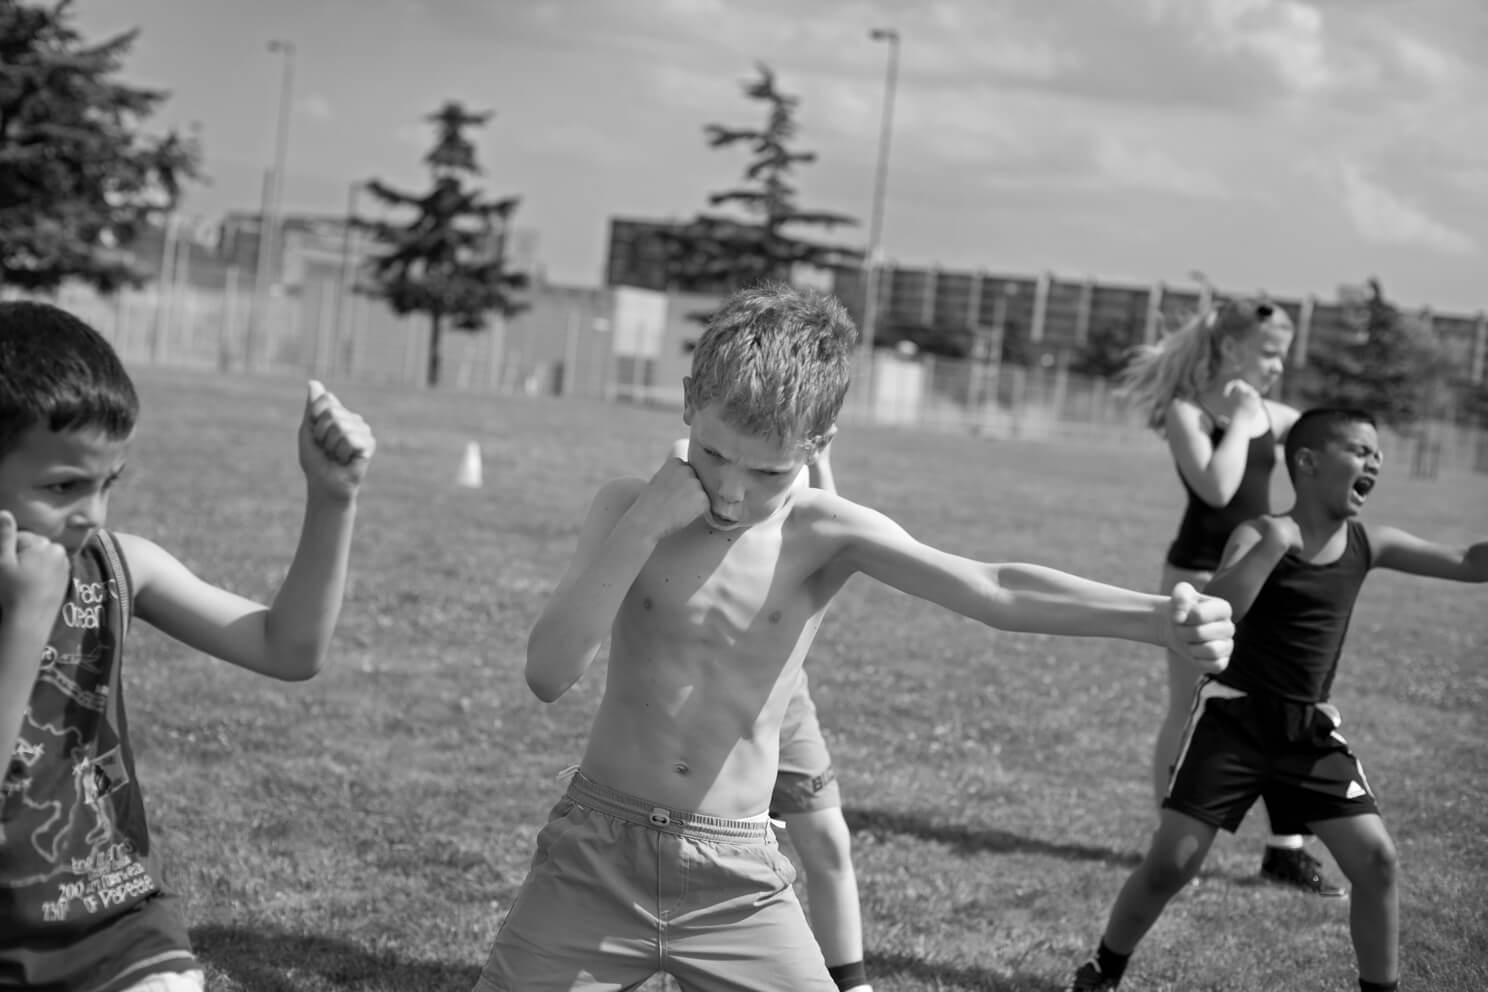 Bokstraining-Kinderen-Plezier-Jeugdtraining.jpg